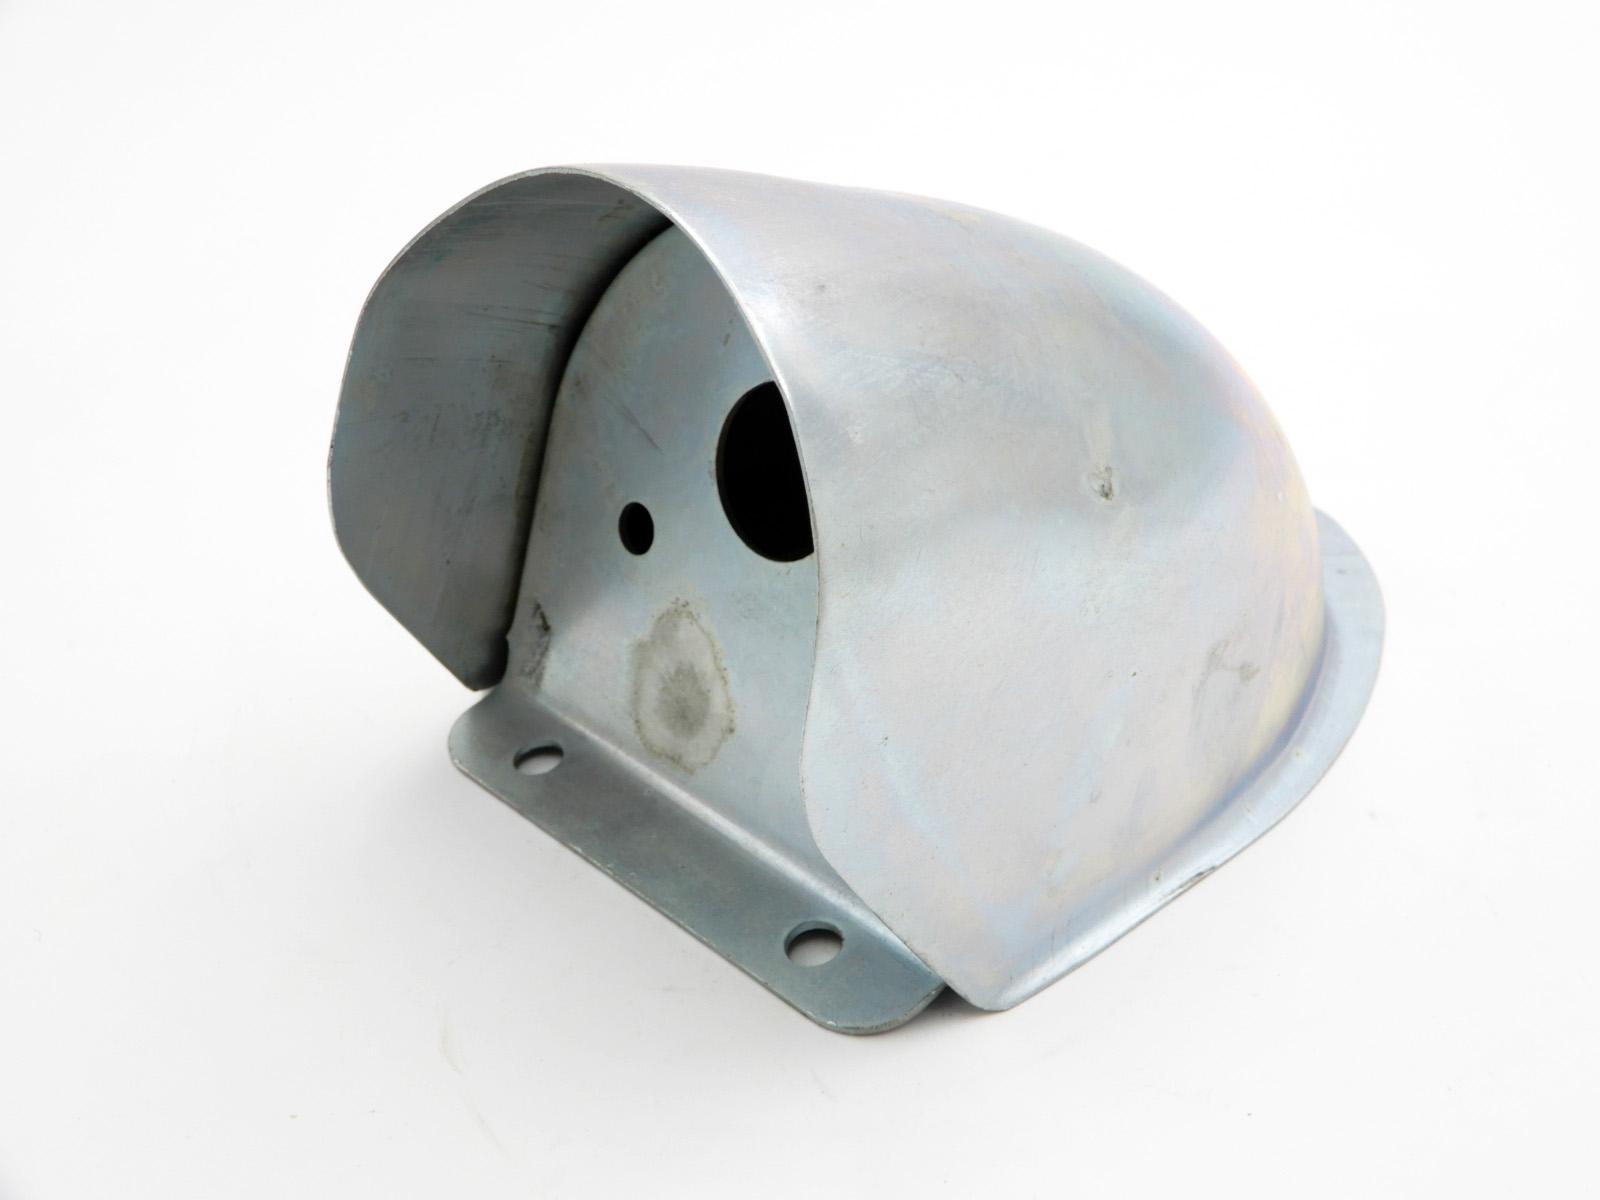 1 Lampensockel Blink und Positionsleuchten vorne für Hanomag Granit 500 Brillant